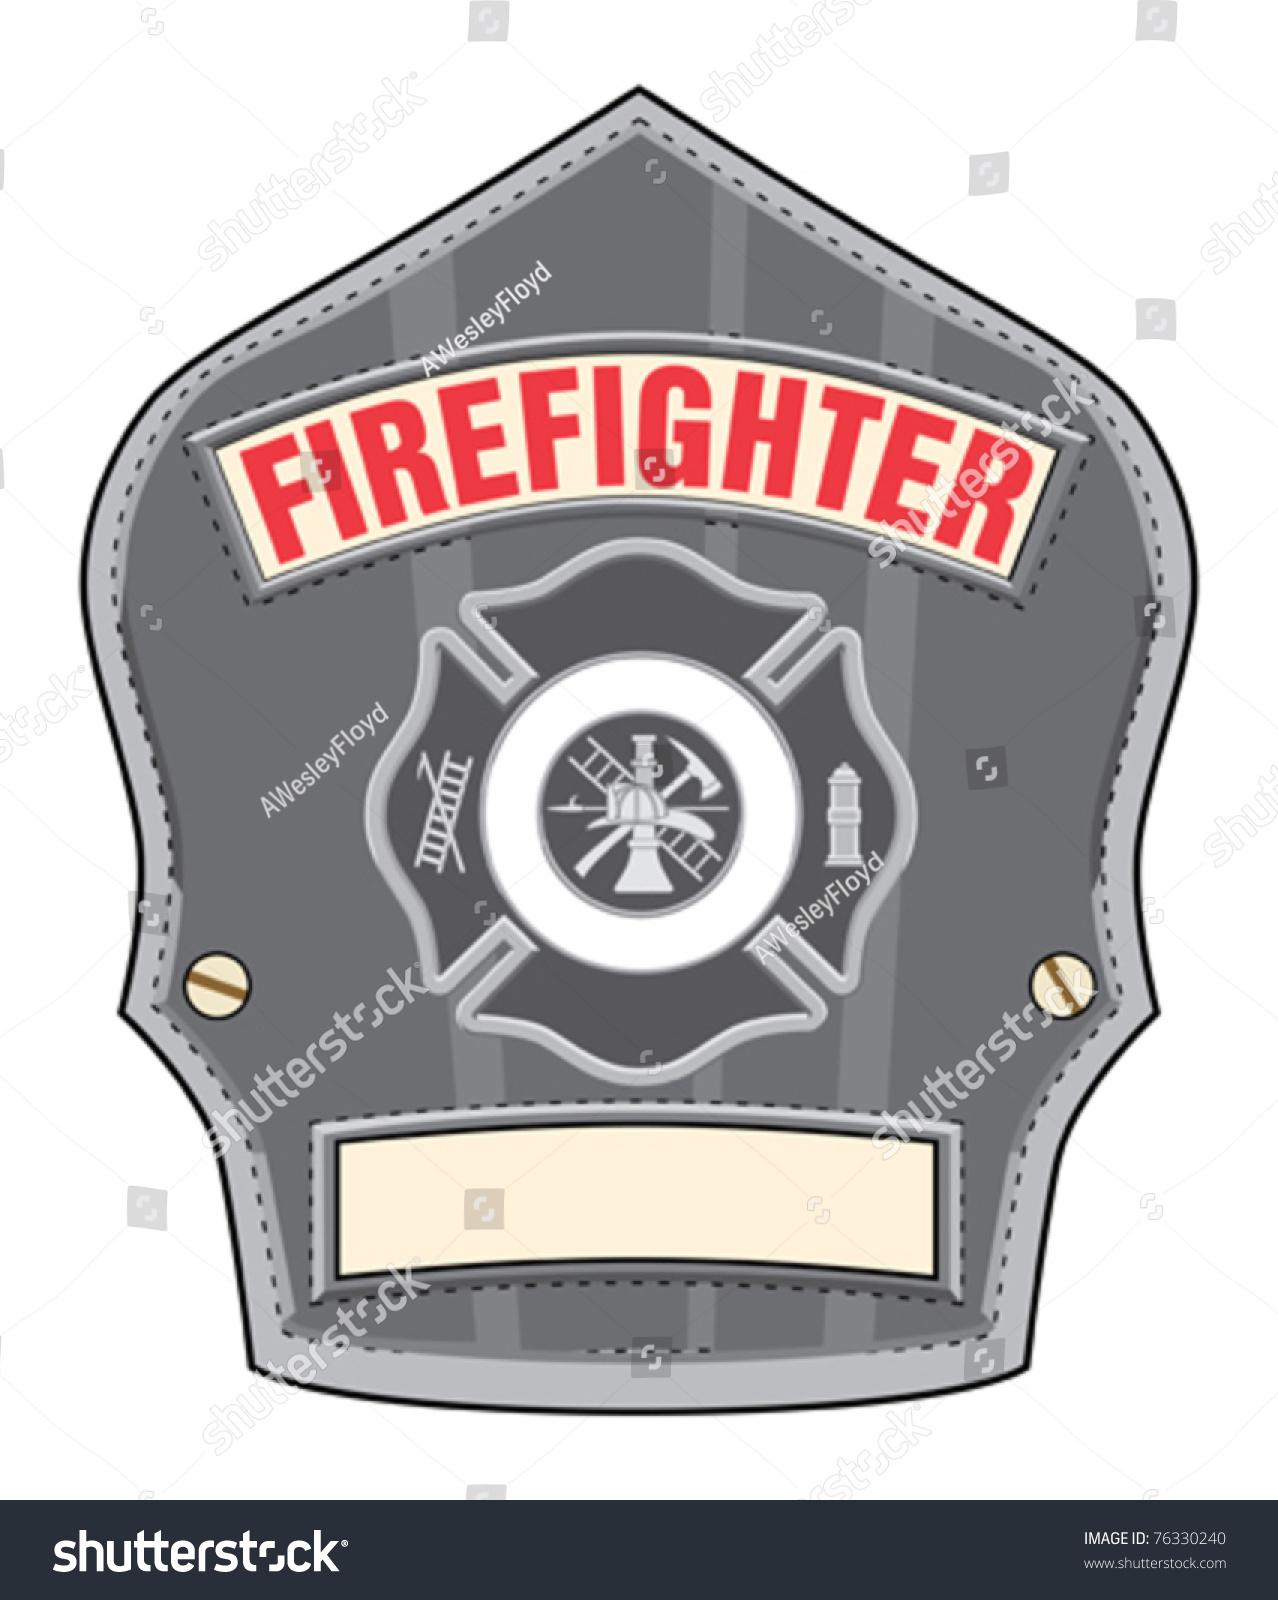 firefighter helmet badge illustration